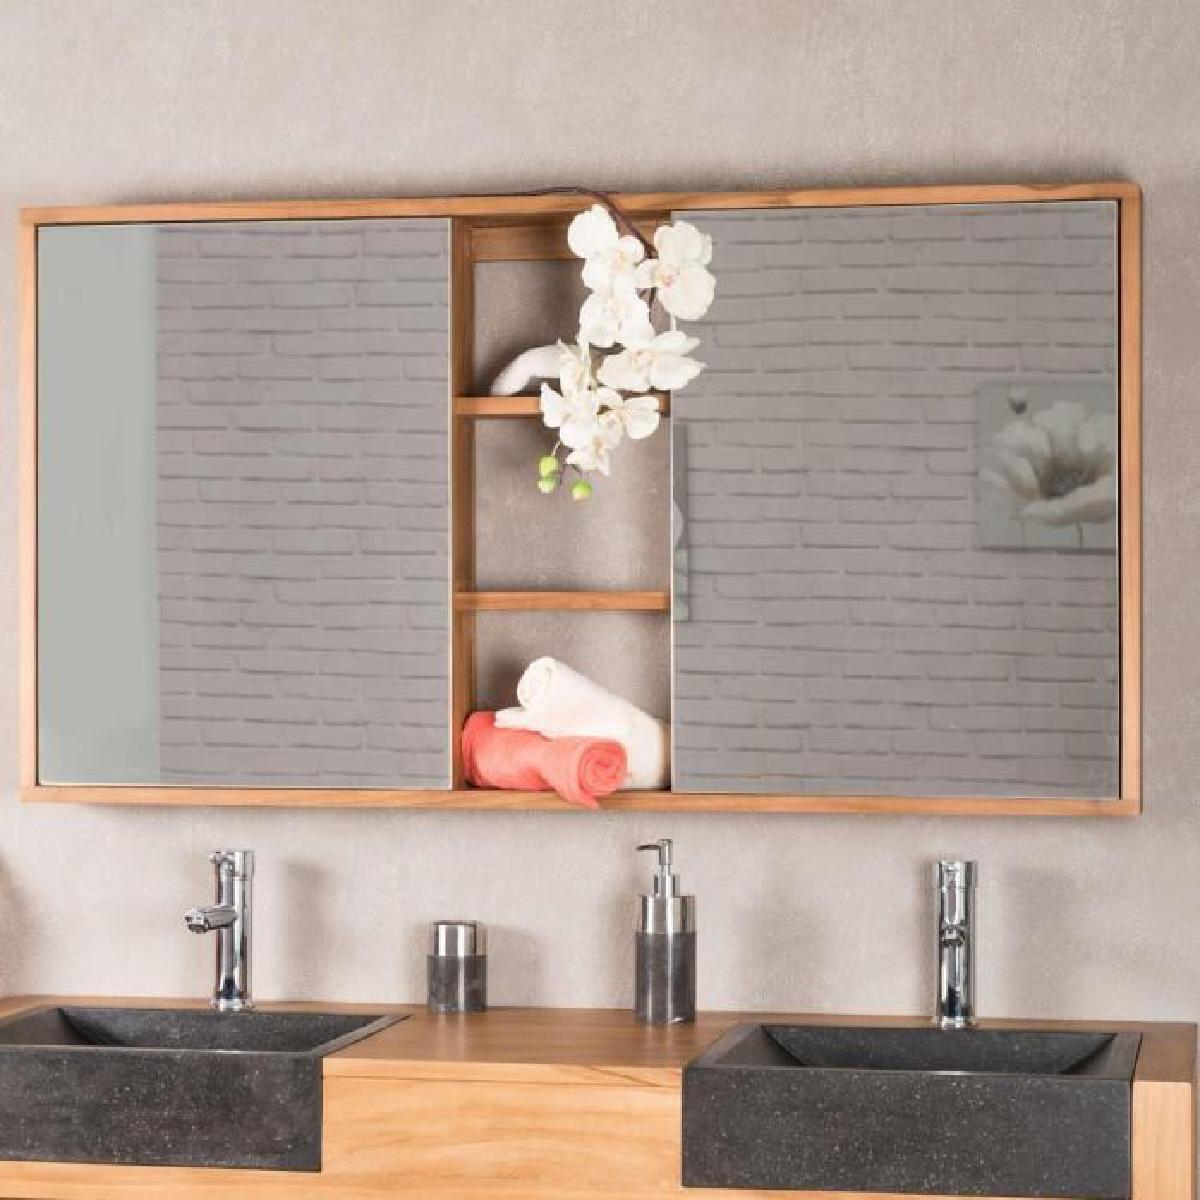 Vente Privée Robinetterie Beau Images Meuble Salle De Bain Vente Privee Simple Rsultat Suprieur Meuble